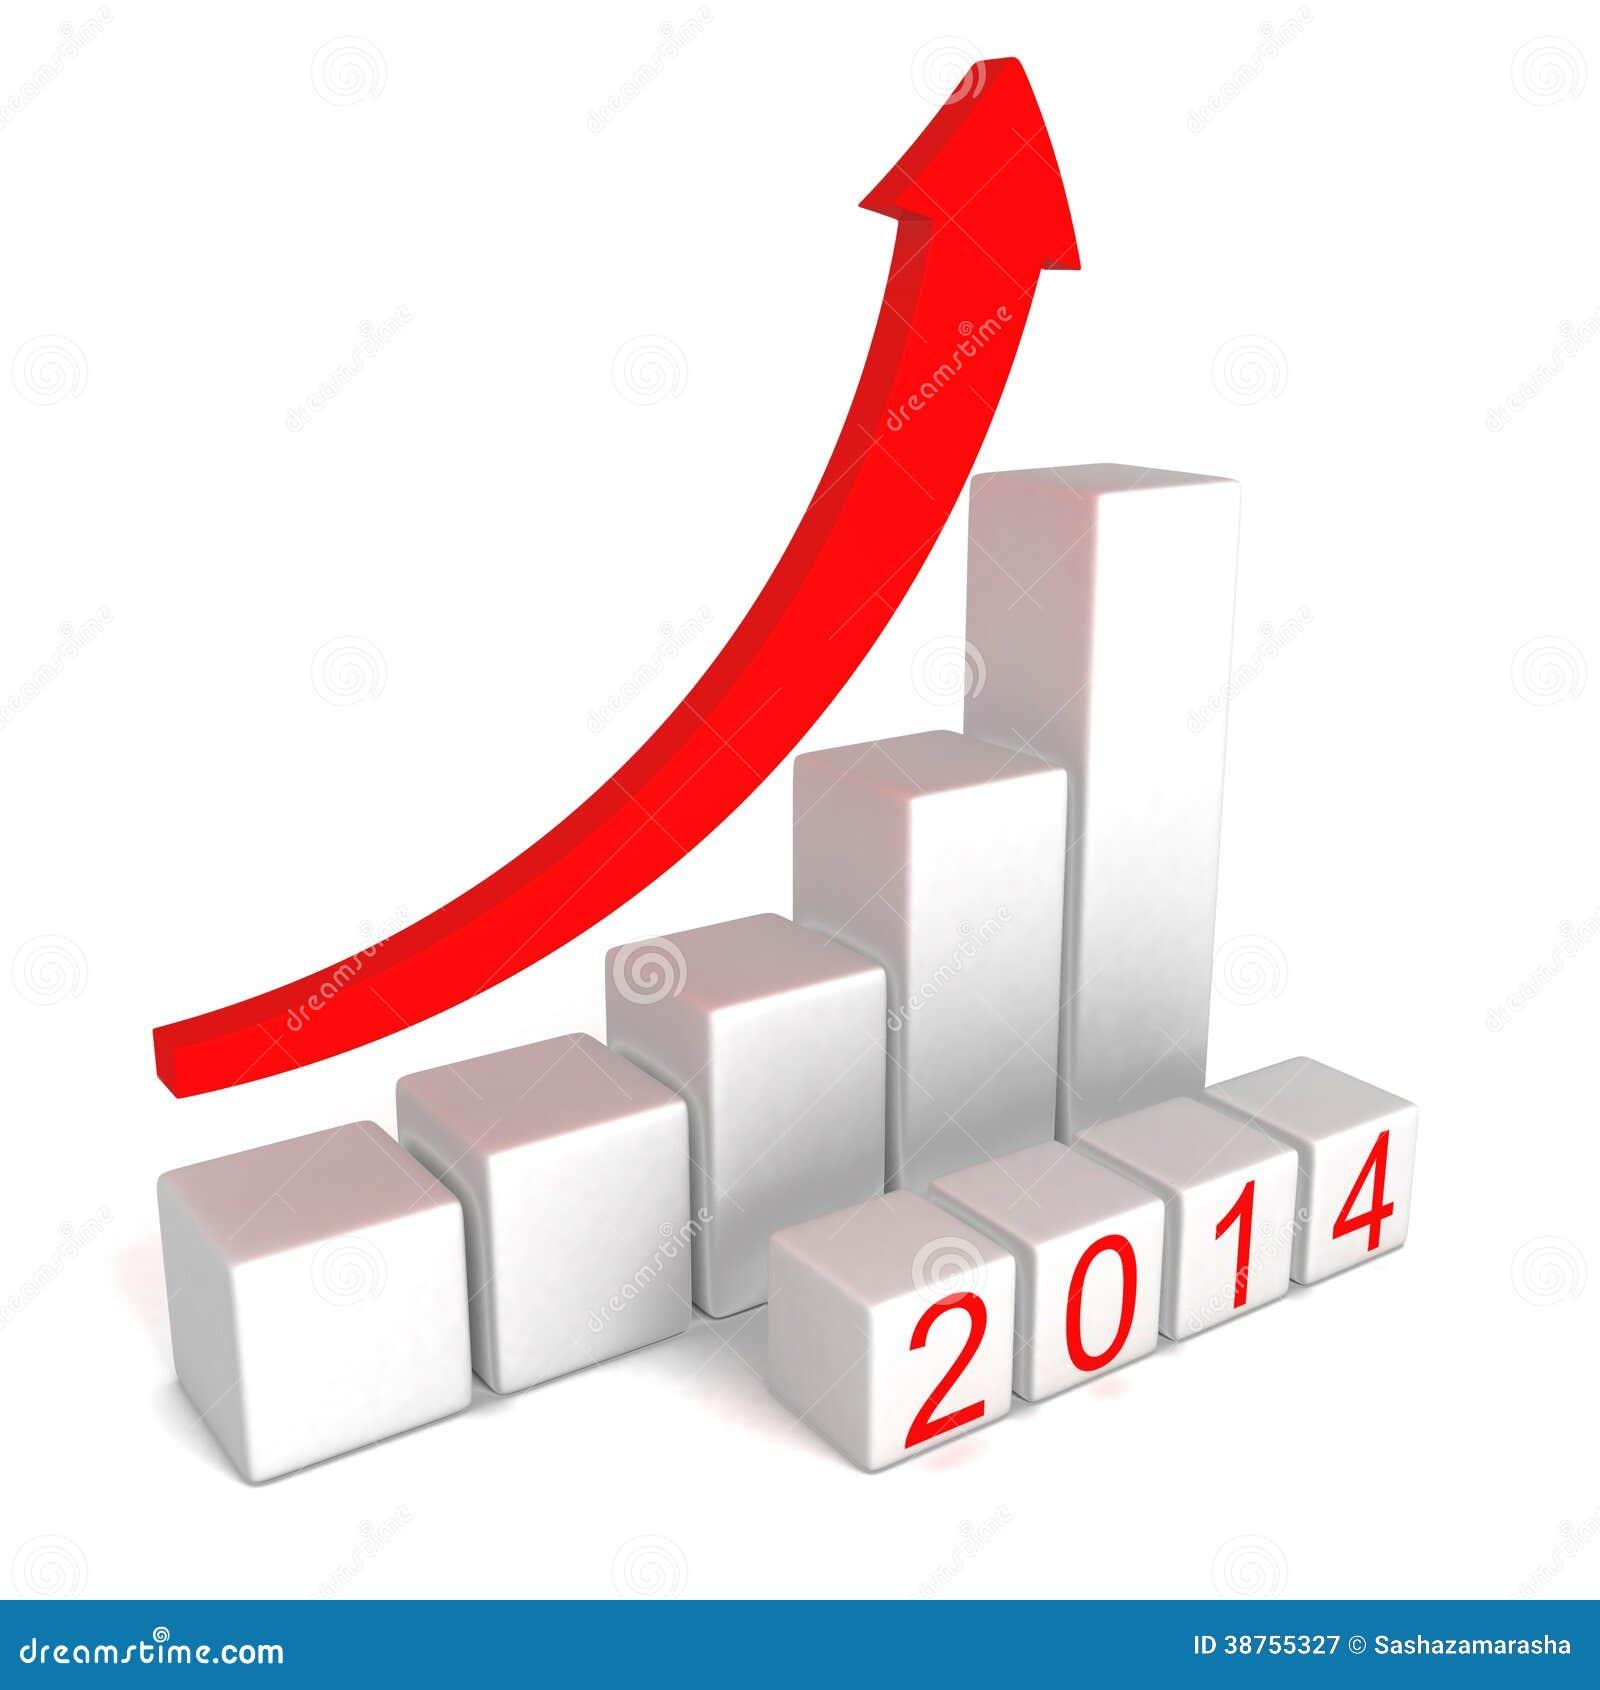 αριθμοί 2014 ετών με την ανάπτυξη της γραφικής παράστασης φραγμών βελών